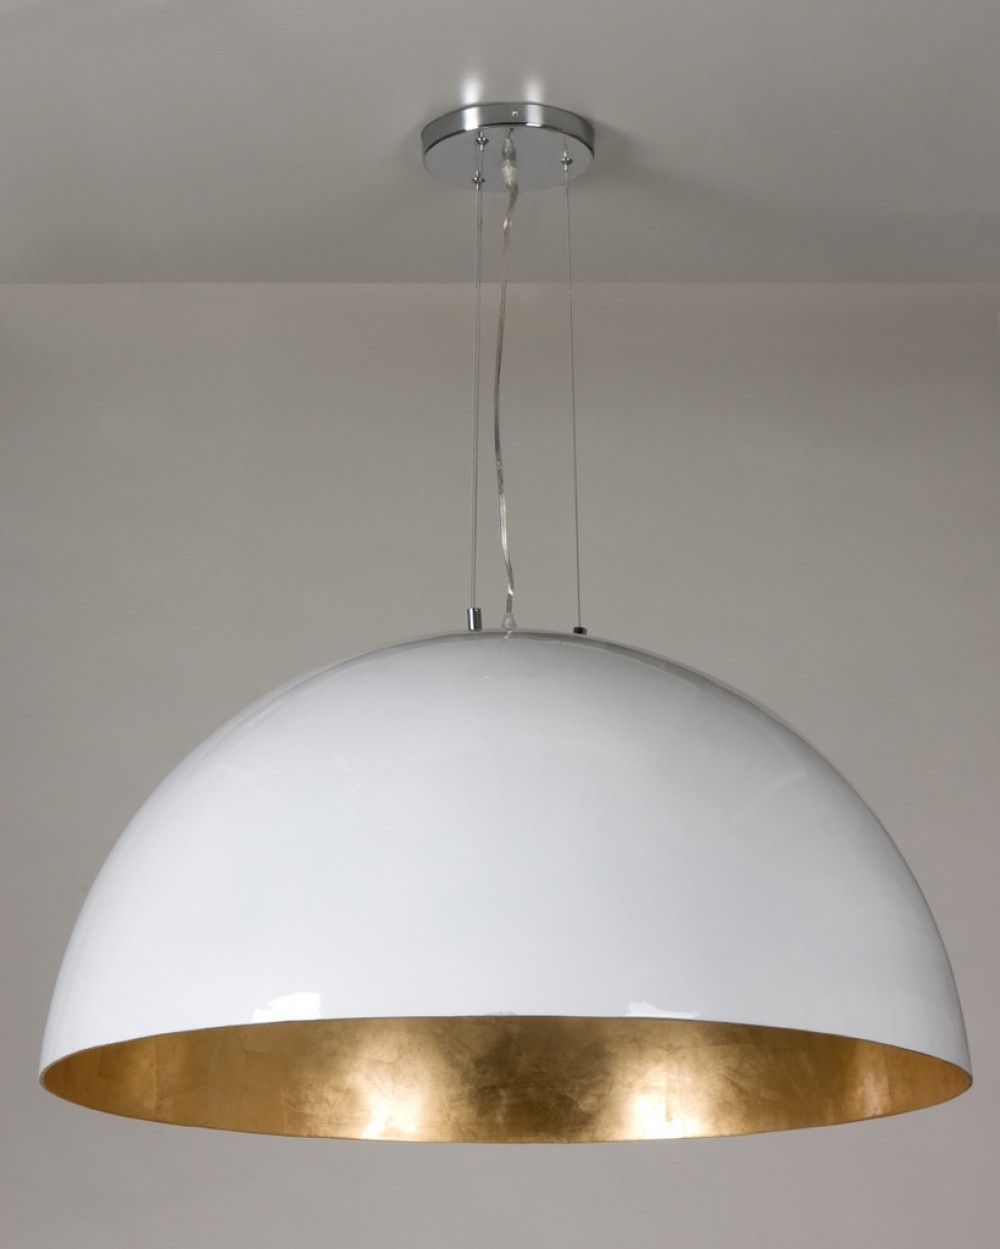 moderne pendelleuchte kuppel farbe wei gold durchmesser 90 cm. Black Bedroom Furniture Sets. Home Design Ideas